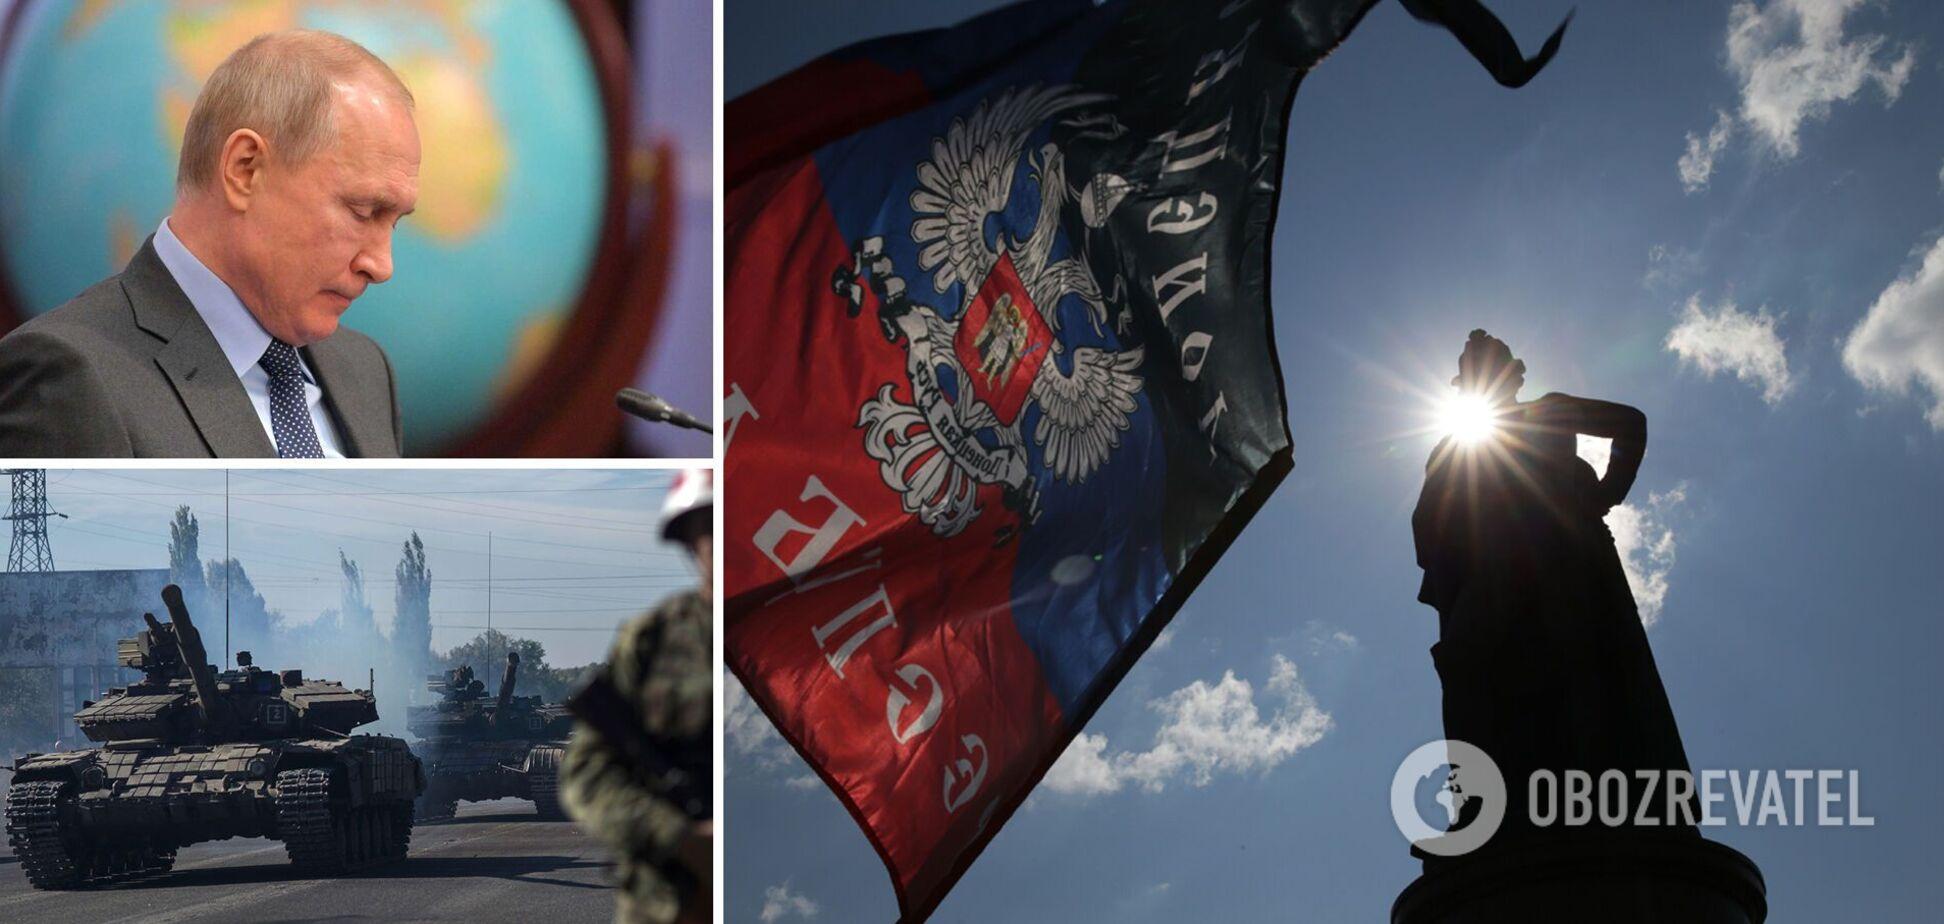 Гармаш: об'єднання 'ДНР' і 'ЛНР' допоможе Україні звільнити Донбас. Бліцінтерв'ю